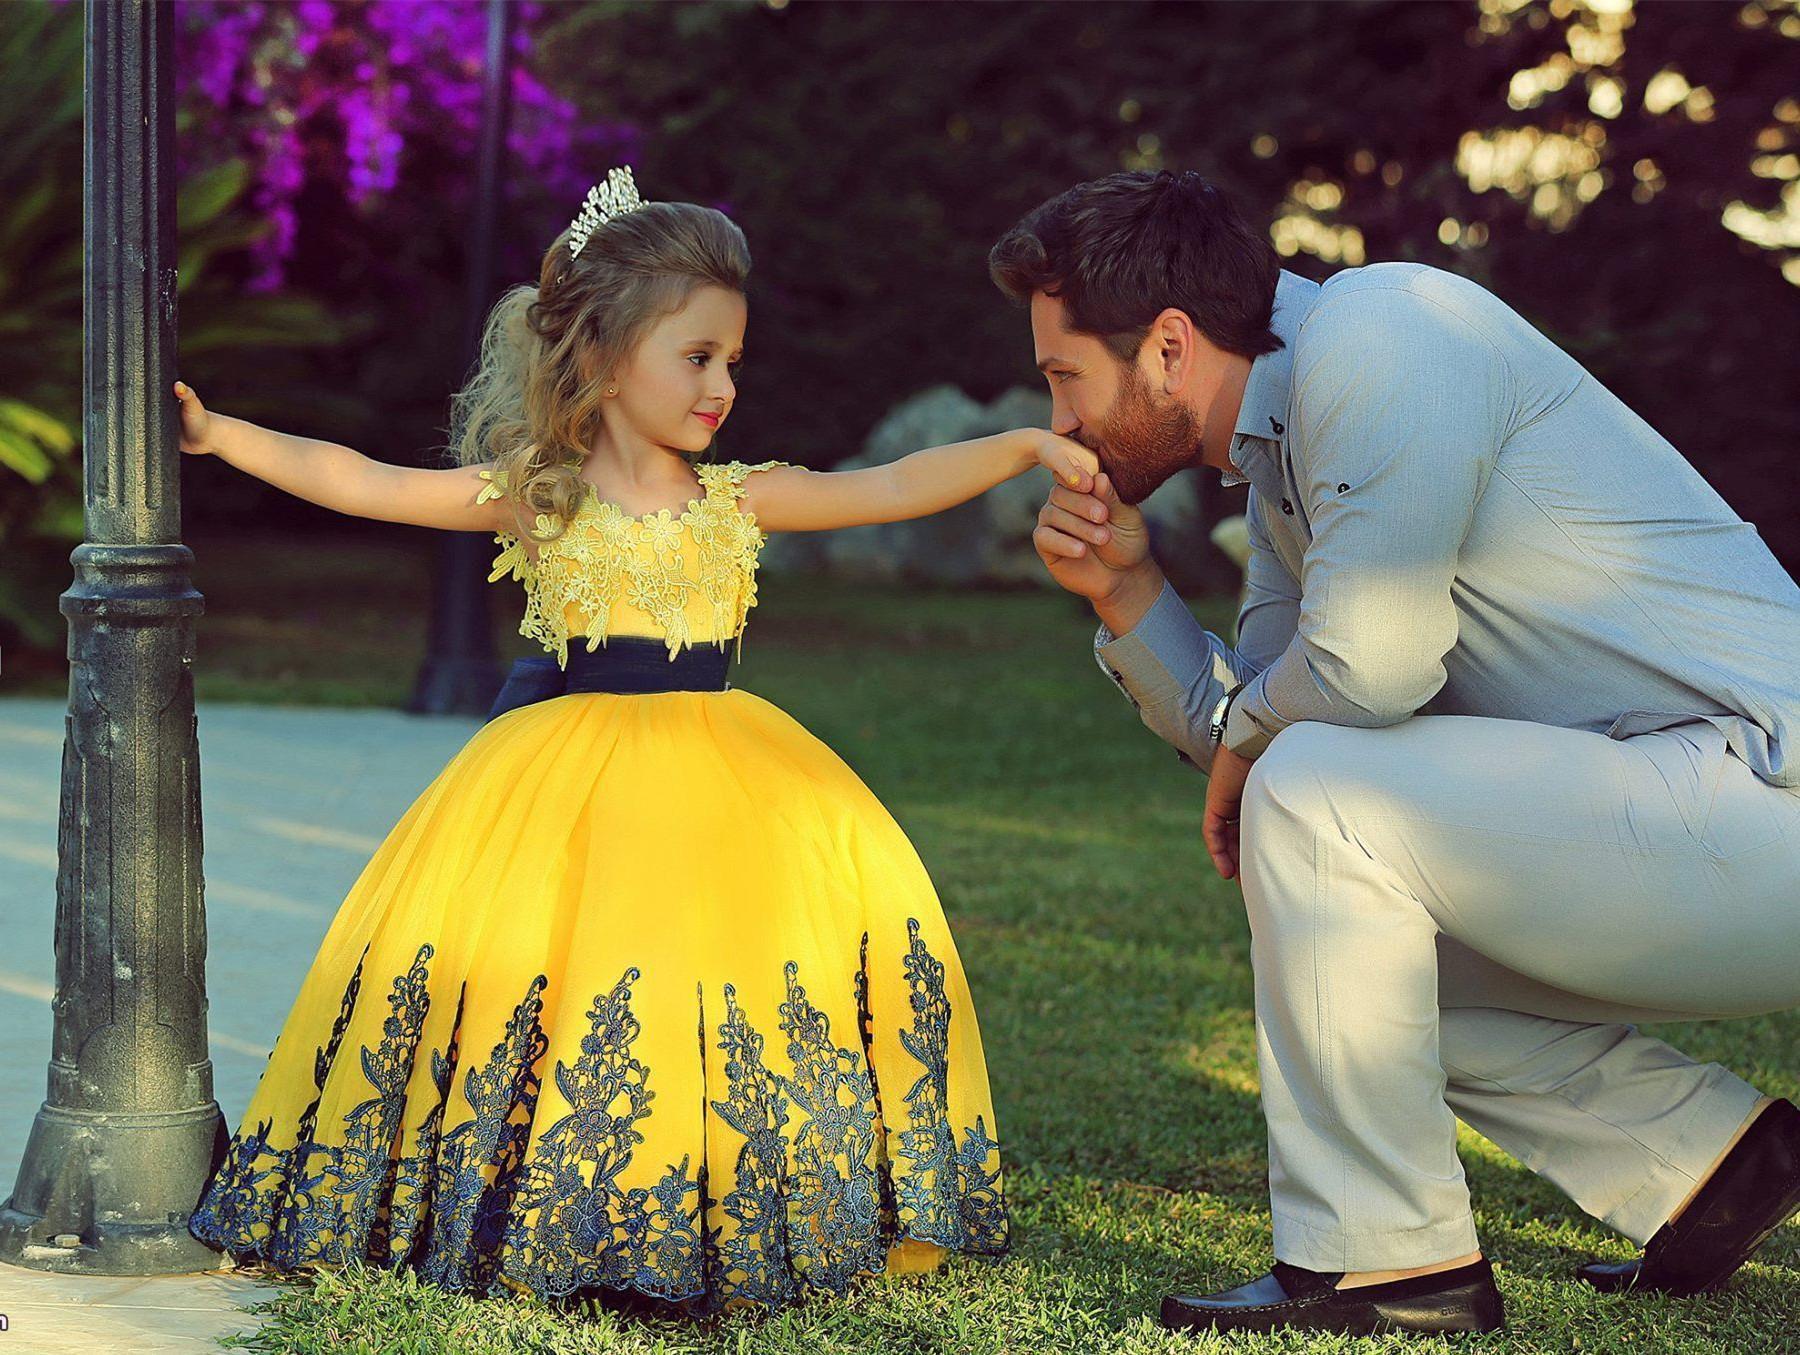 Vestido de bola amarilla de moda para niña para niños pequeños vestidos con encaje negro apliques de boda de la boda, vestido de fiesta de fiesta de fiesta